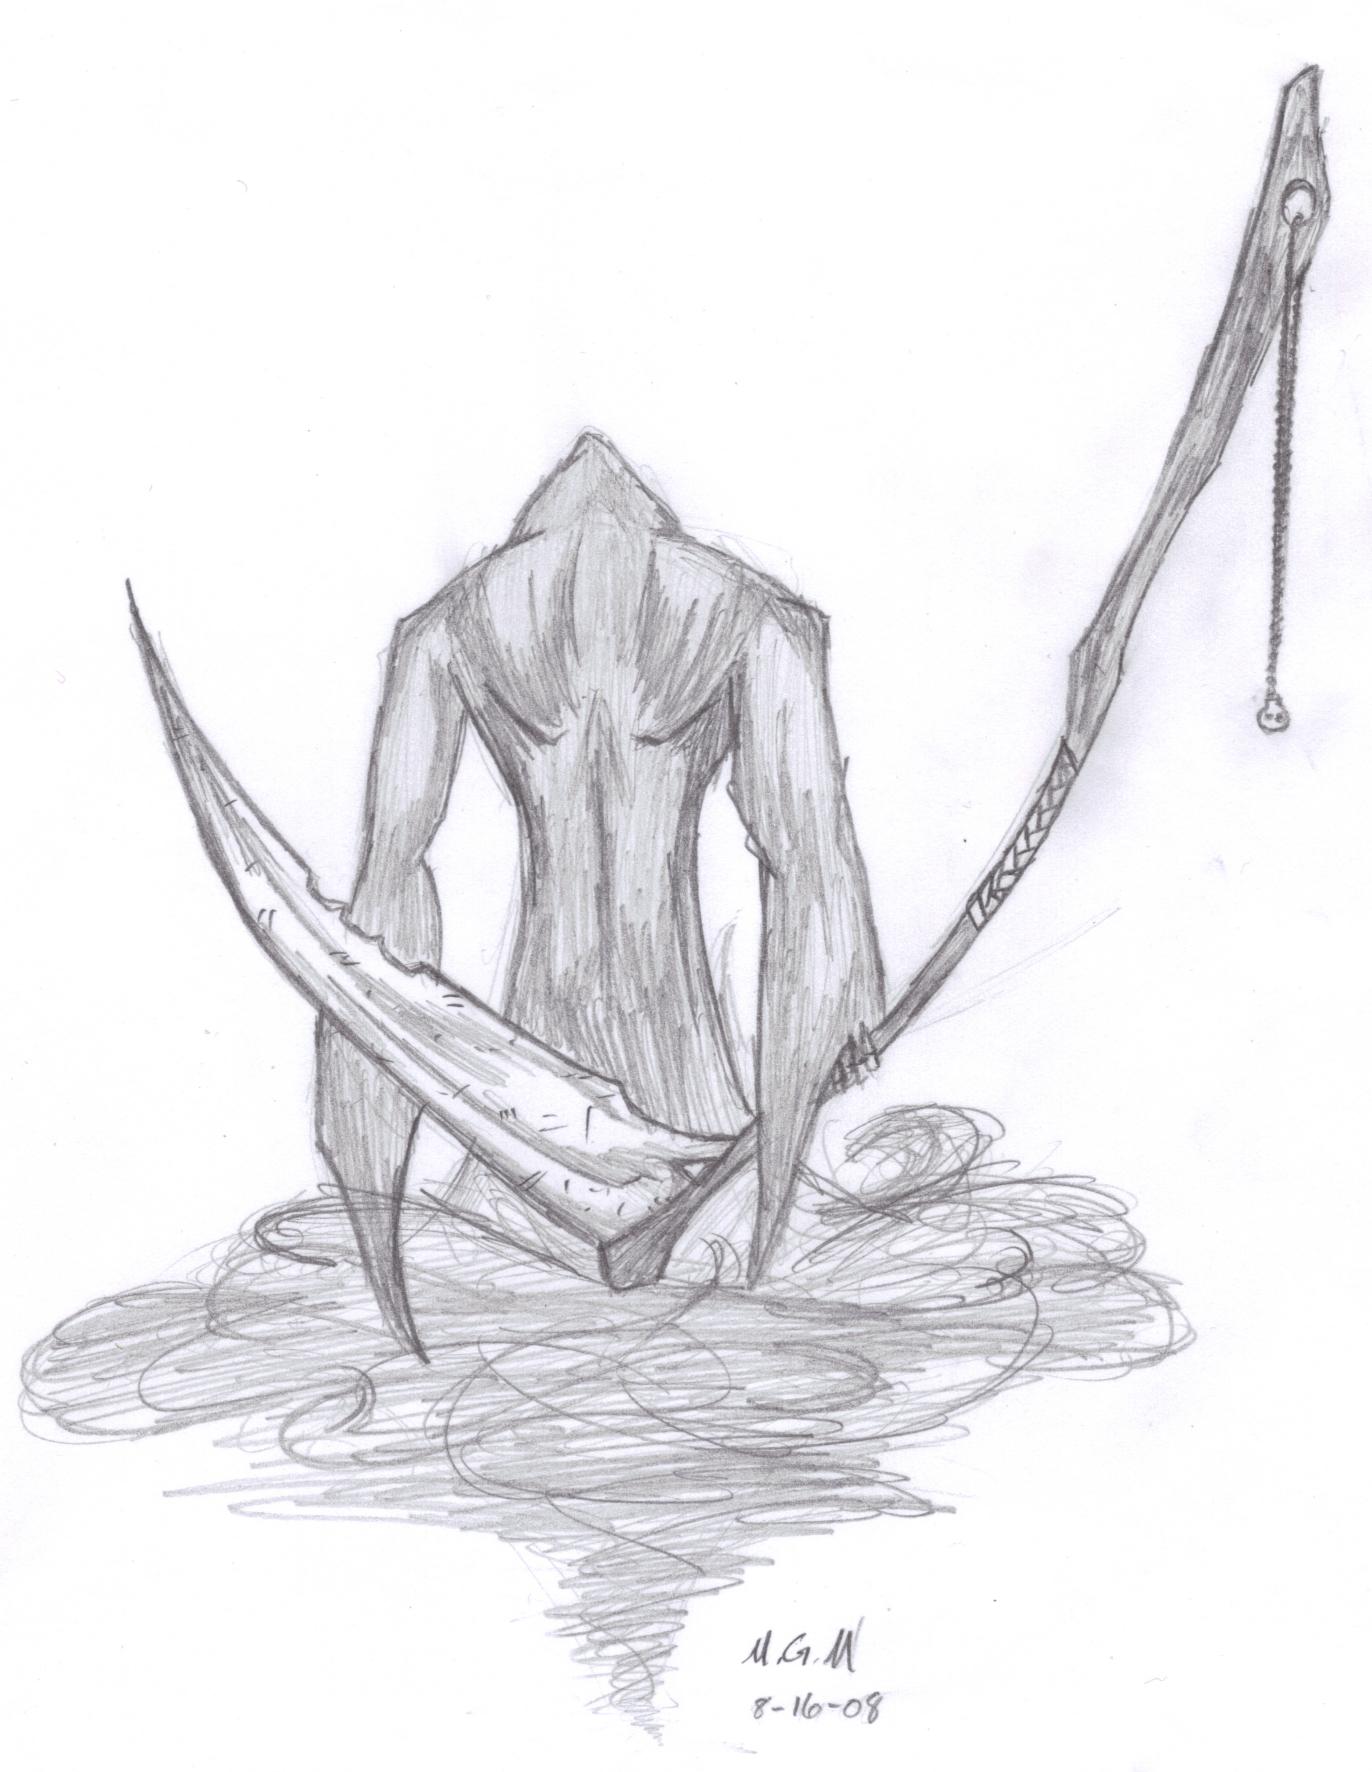 A Very Grim Reaper